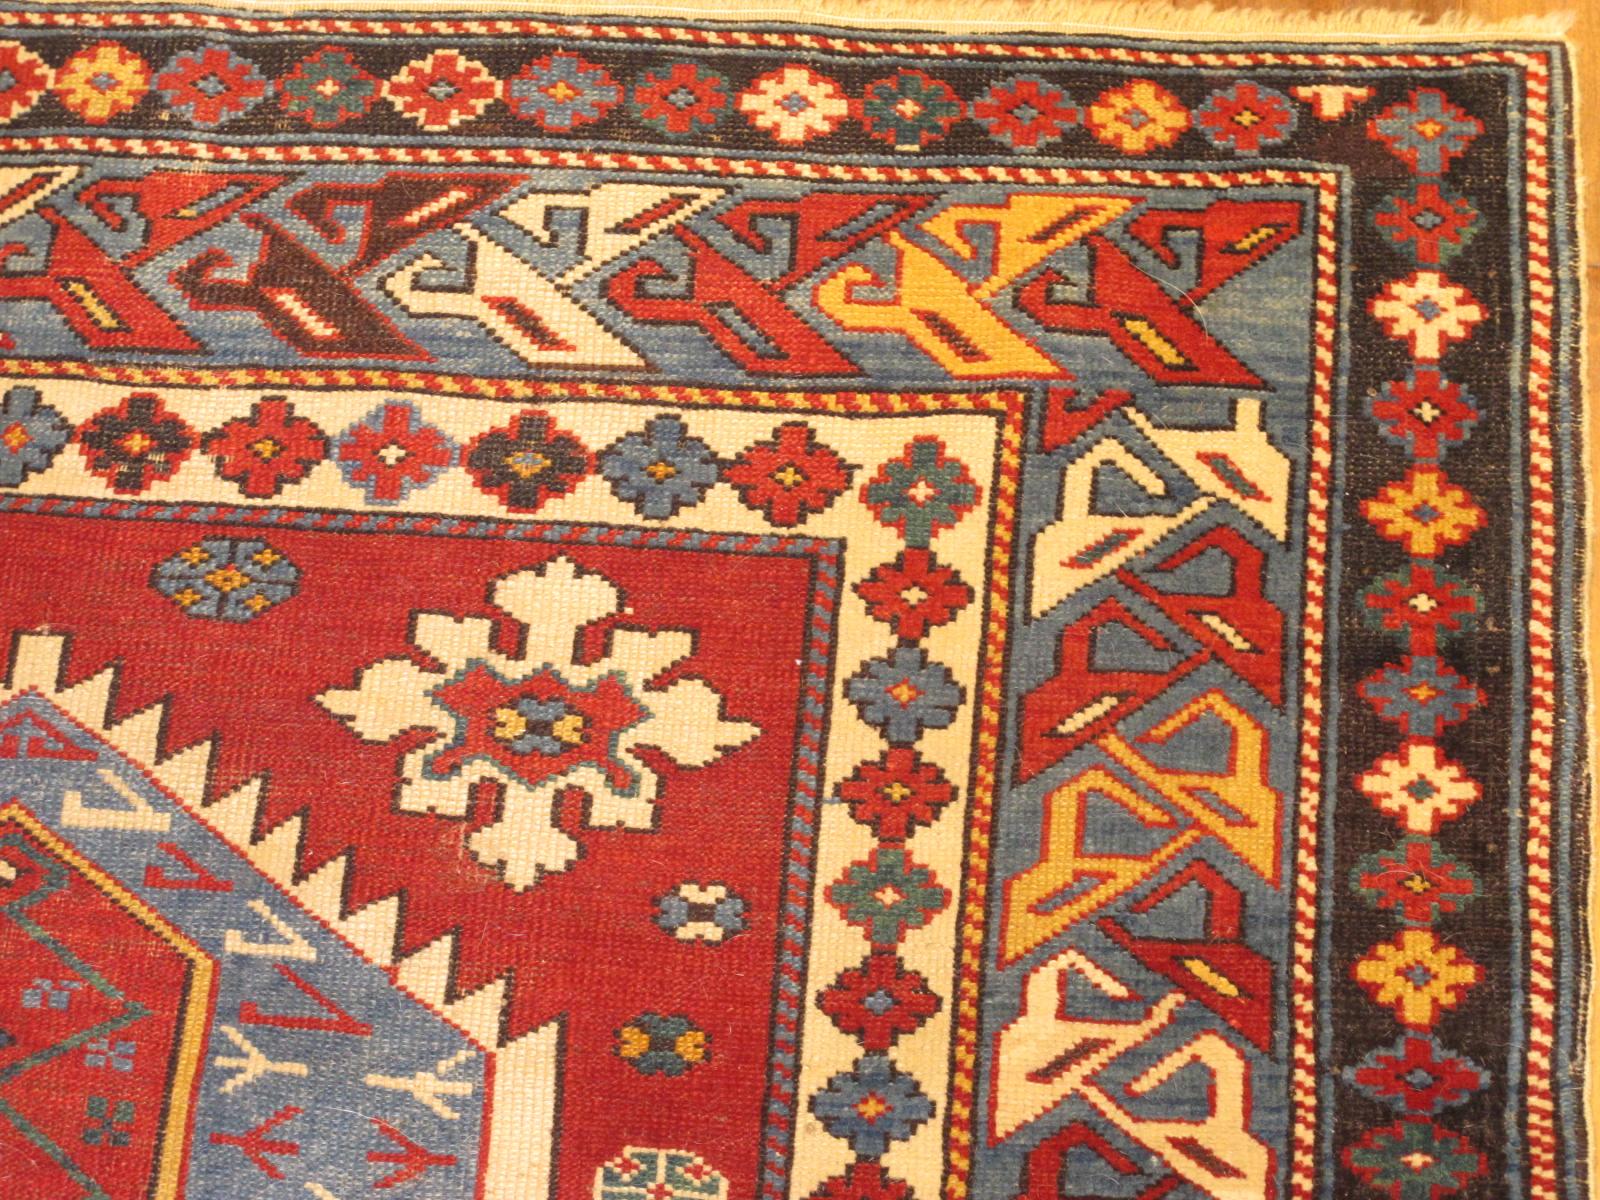 23188 antique caucasian shirvan rug 3,2 x 6,2 (2)